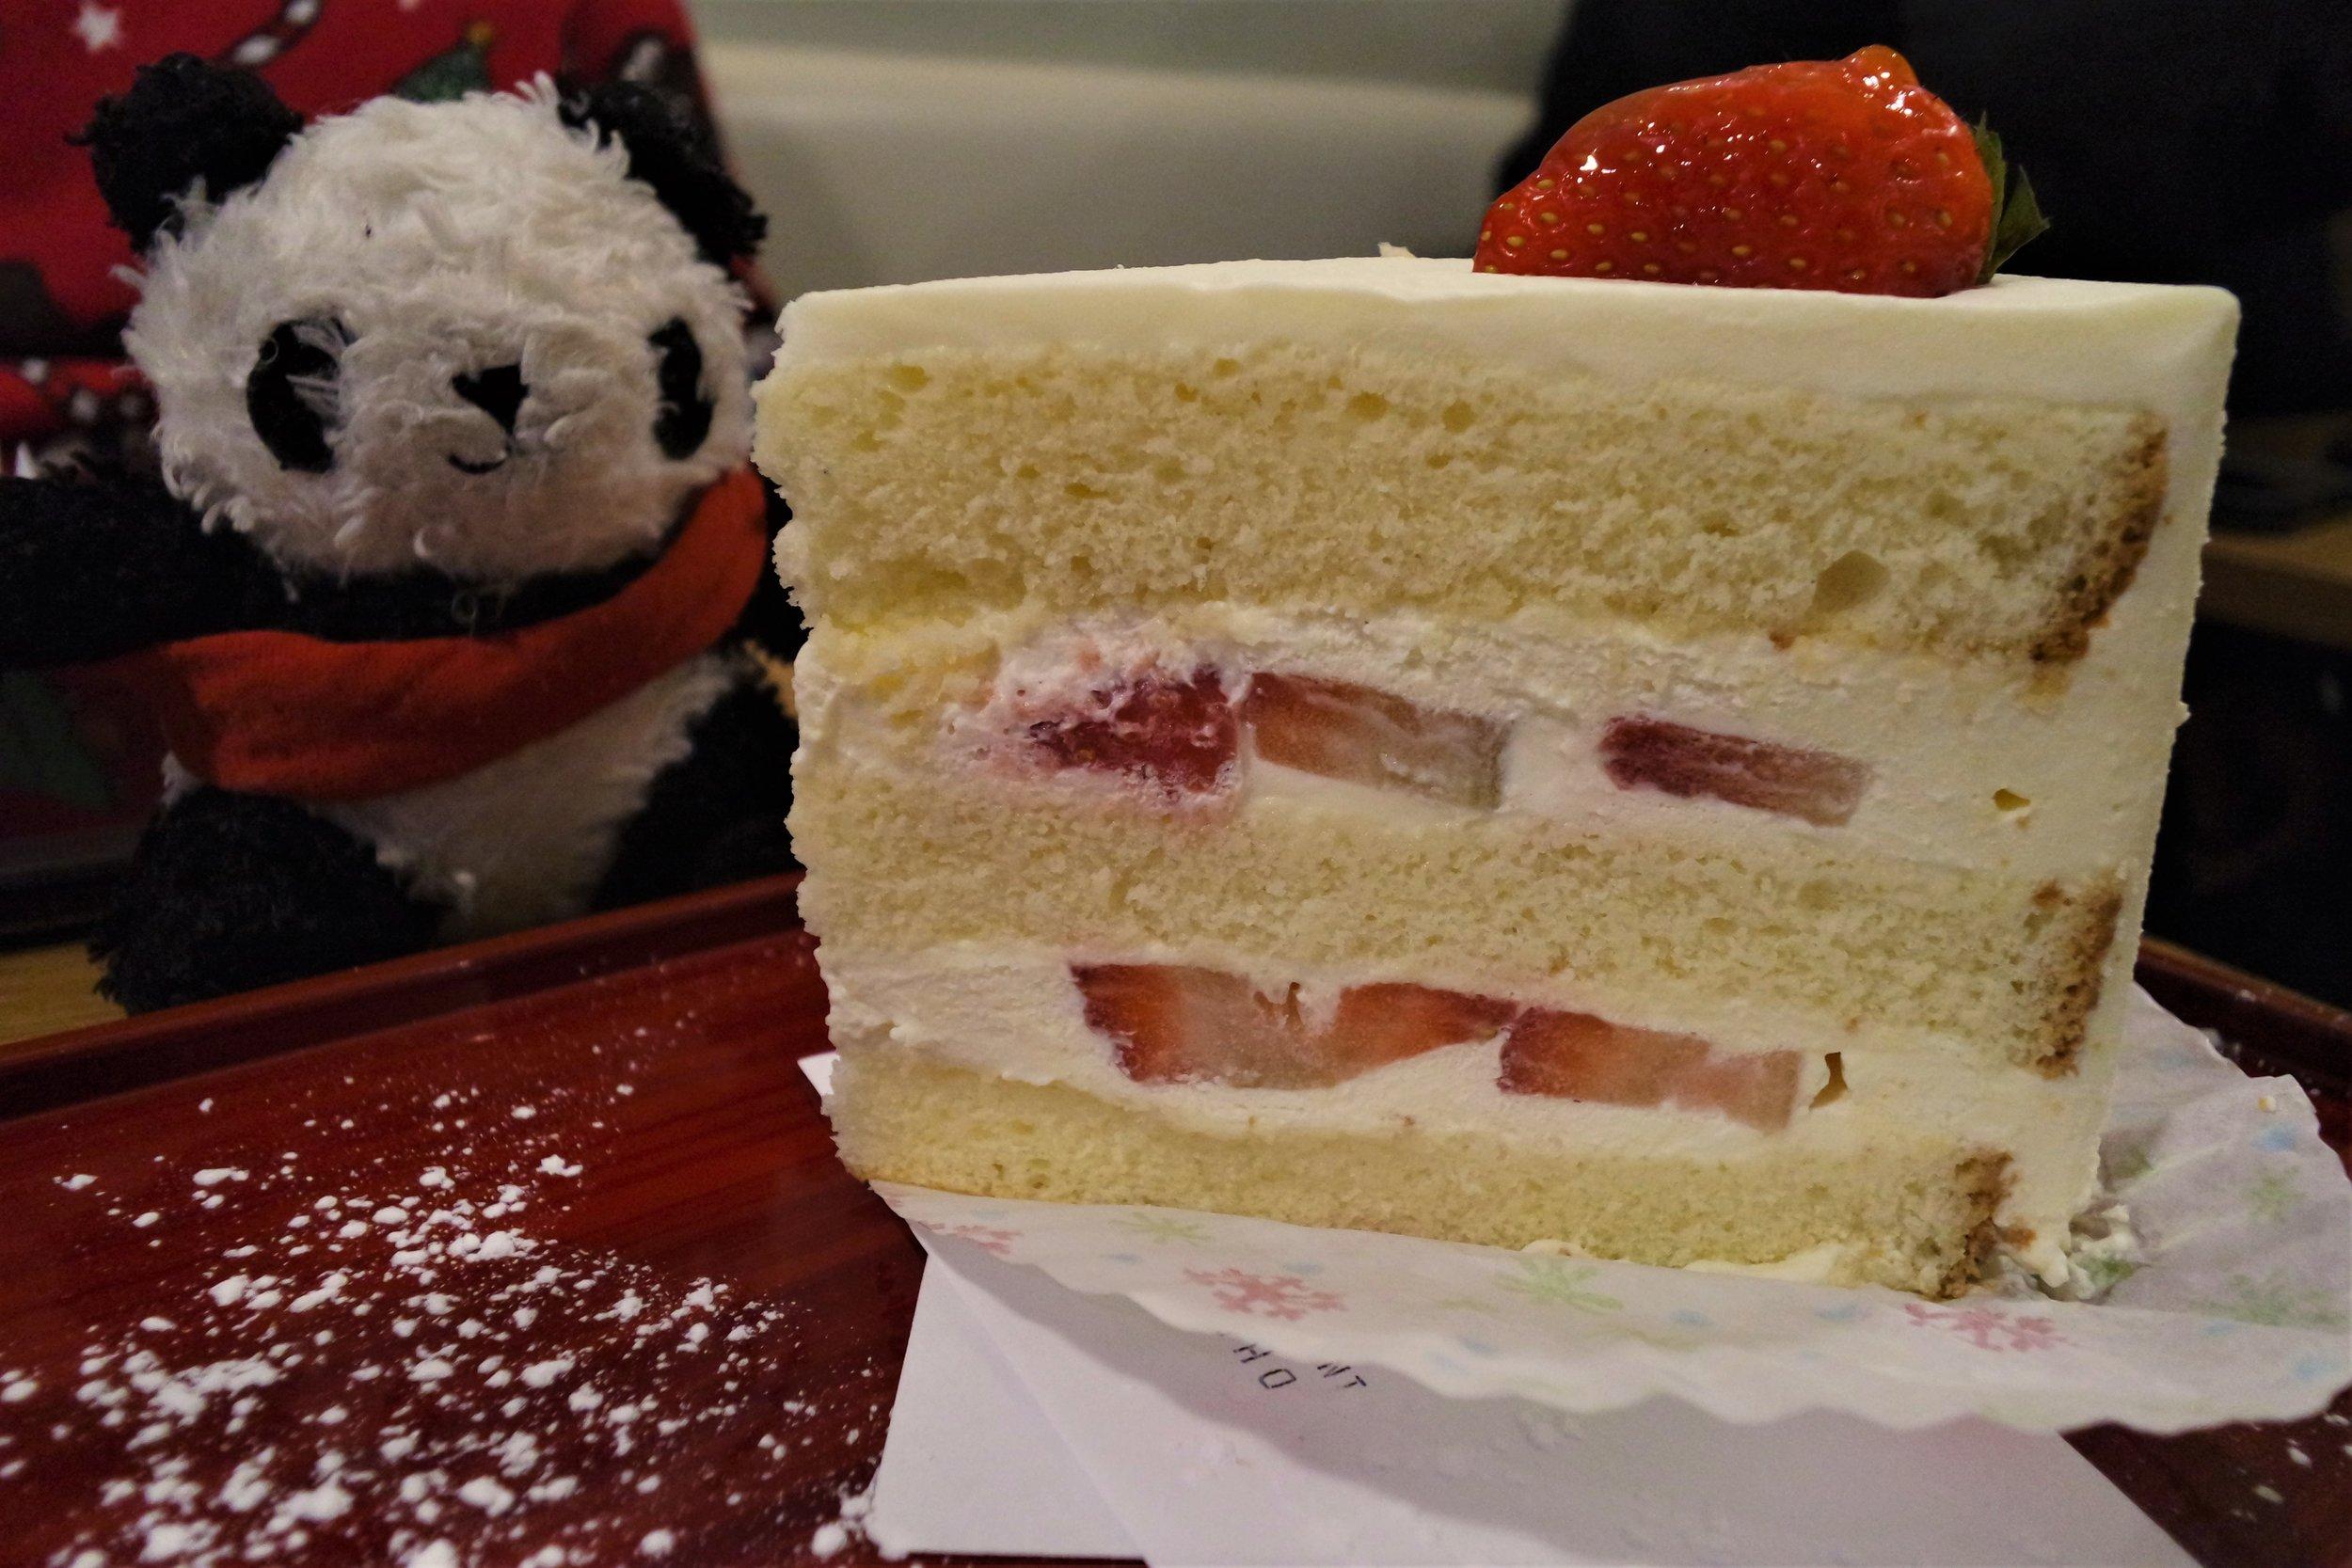 Shibuya Soho, London - Strawberry Cake